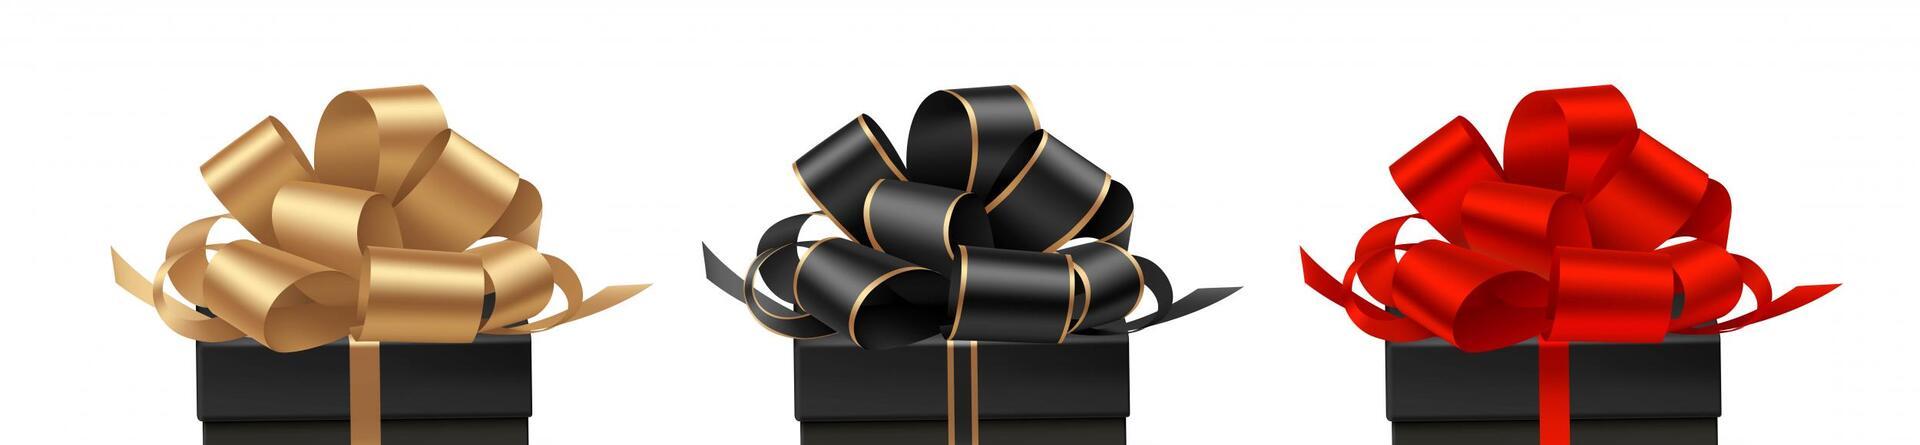 hotelnautiluspesaro it gift-voucher 008